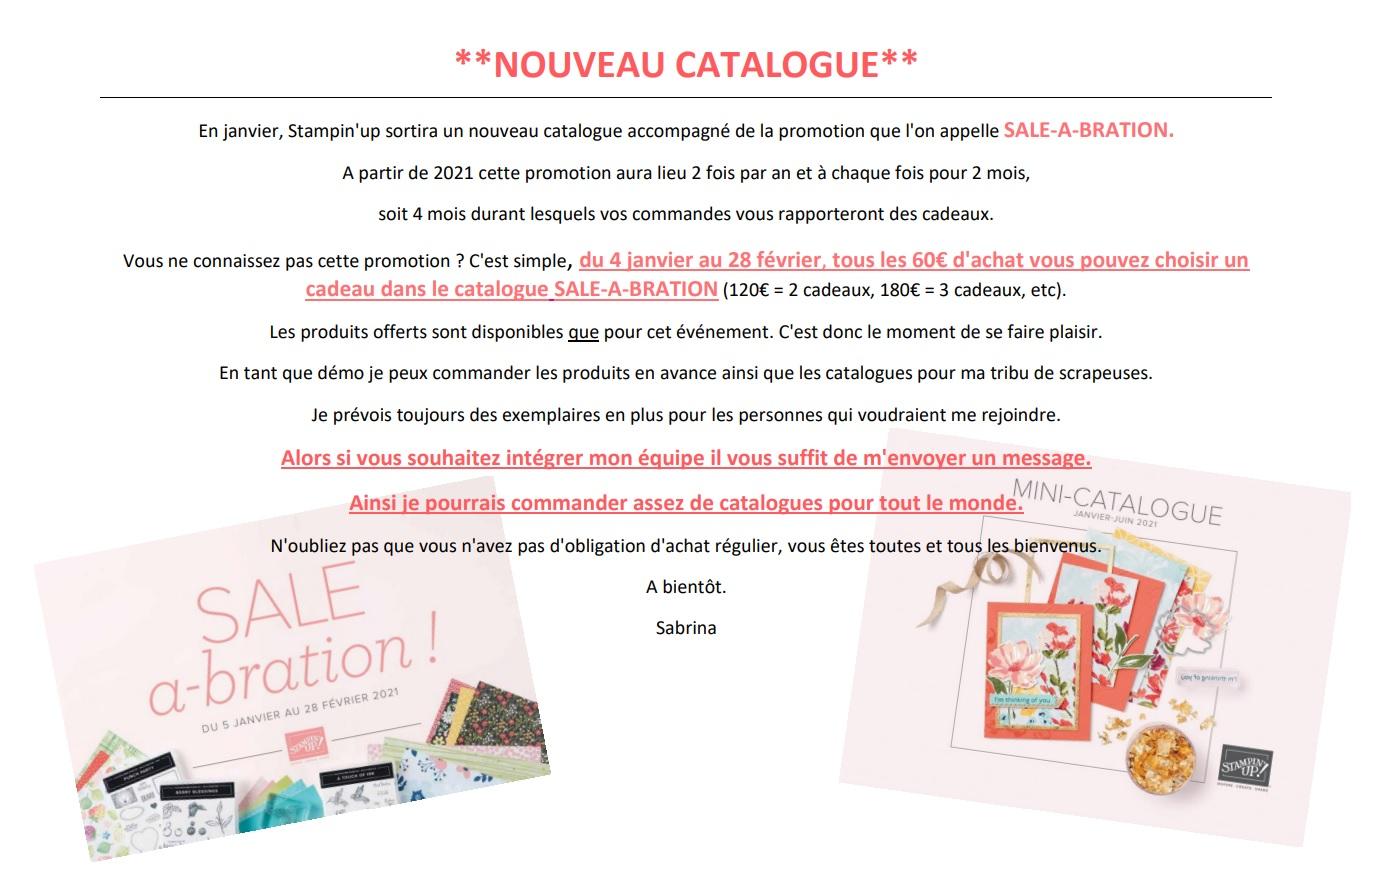 Nouveau catalogue Janvier-Juin 2021 de Stampin'up